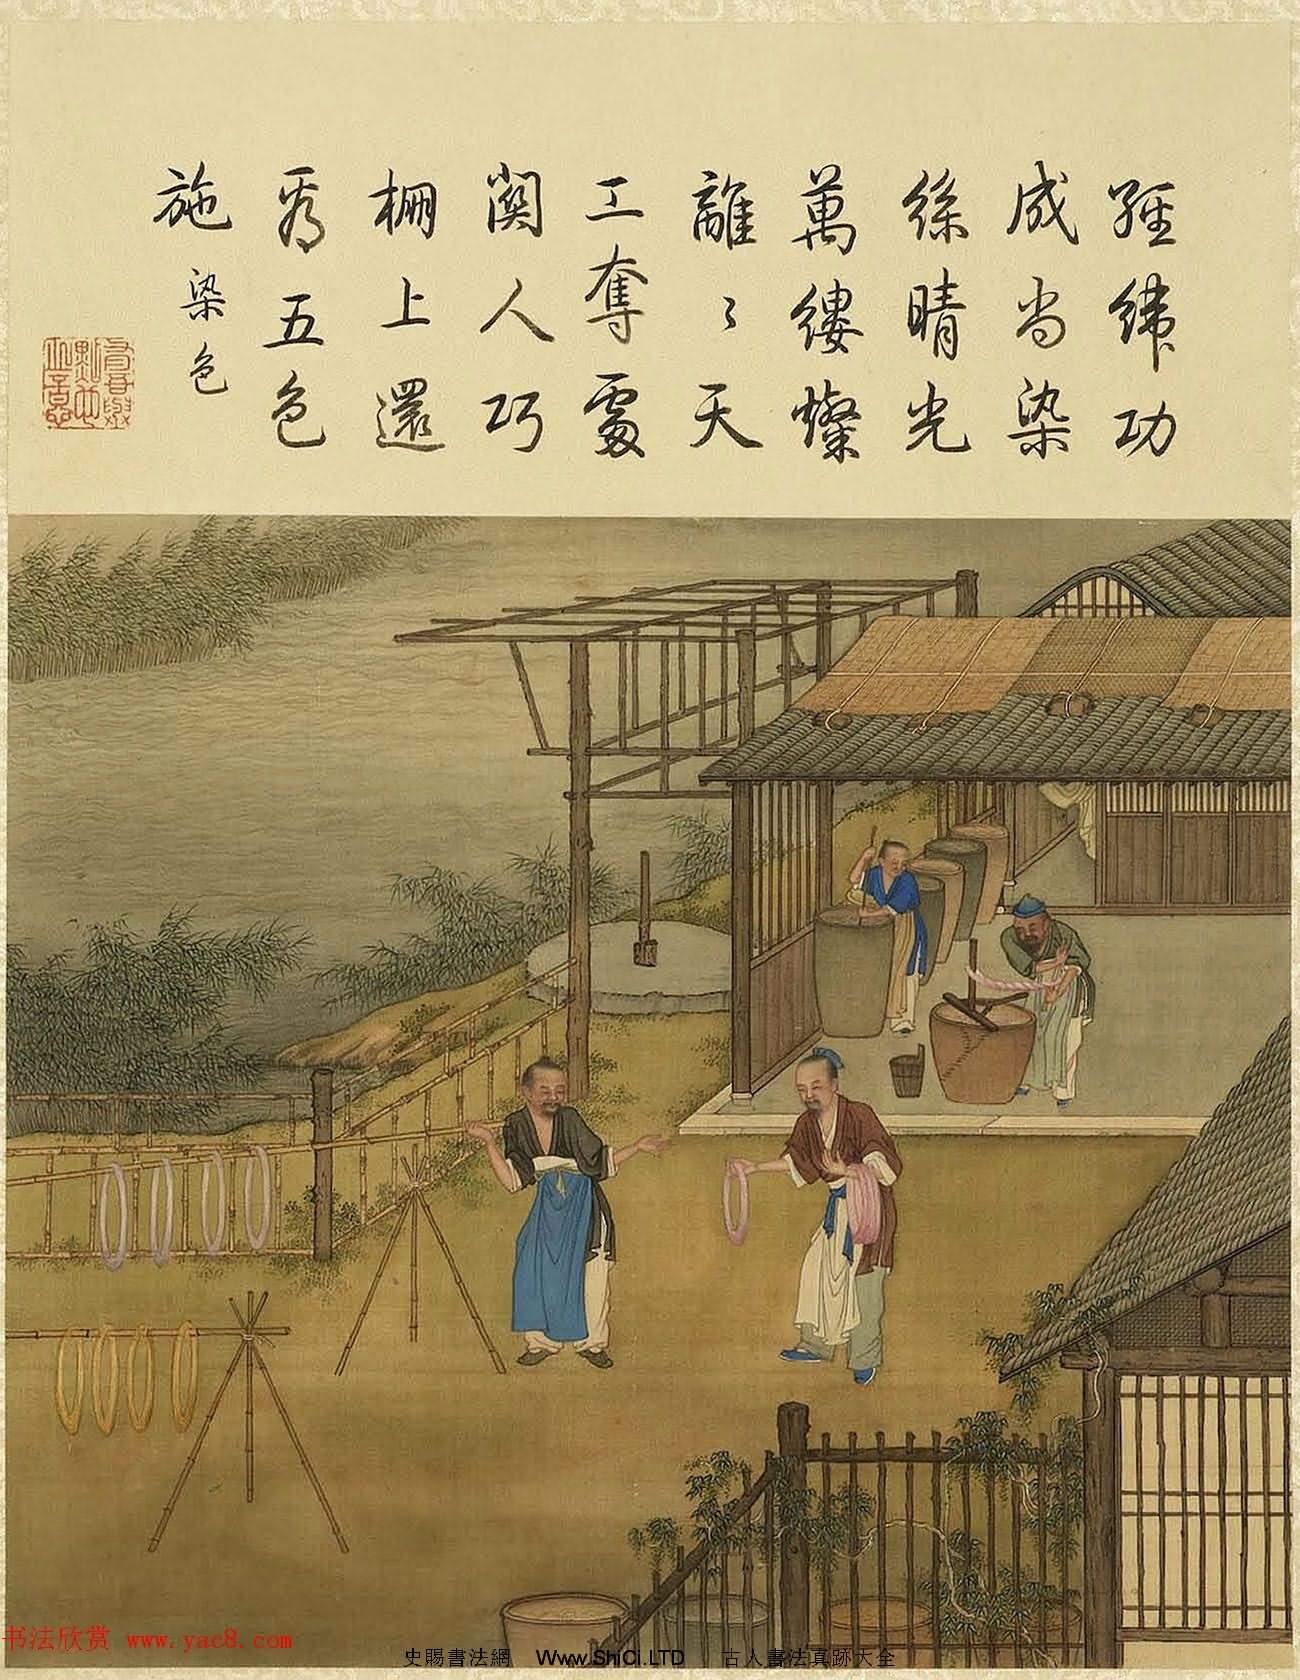 清代宮廷畫師陳枚彩繪本《耕織圖》